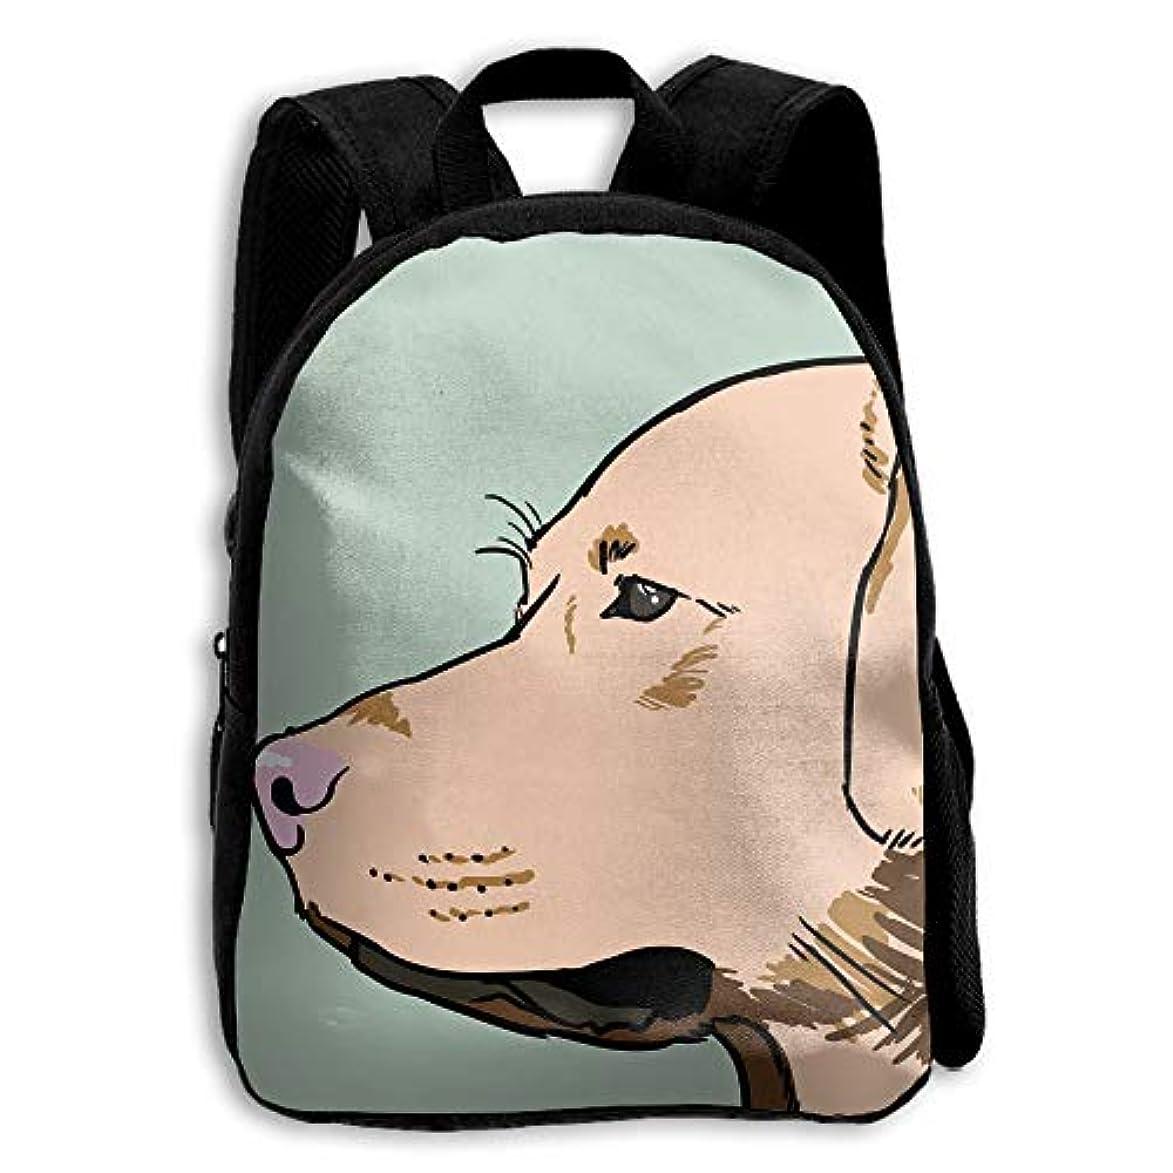 有彩色の強います疎外するキッズ バックパック 子供用 リュックサック 犬プリント ショルダー デイパック アウトドア 男の子 女の子 通学 旅行 遠足